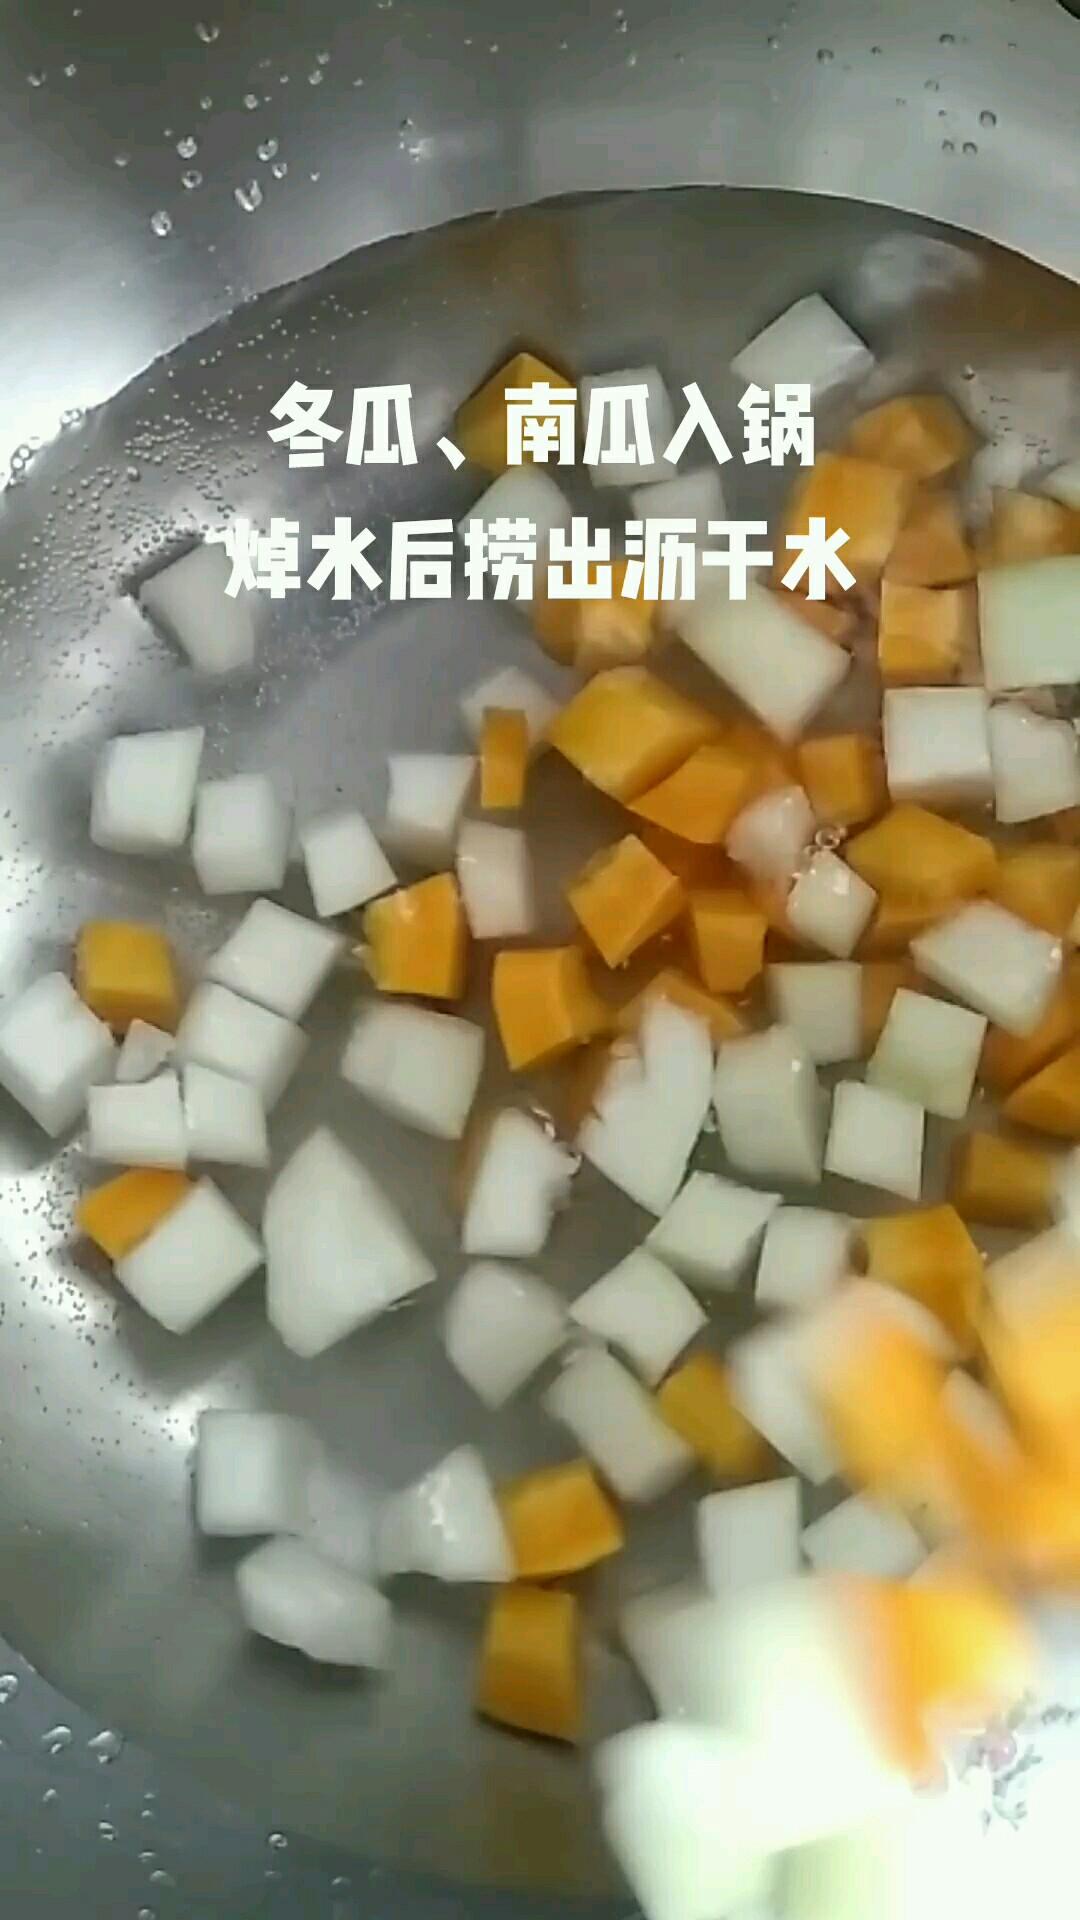 蜜汁四瓜的简单做法